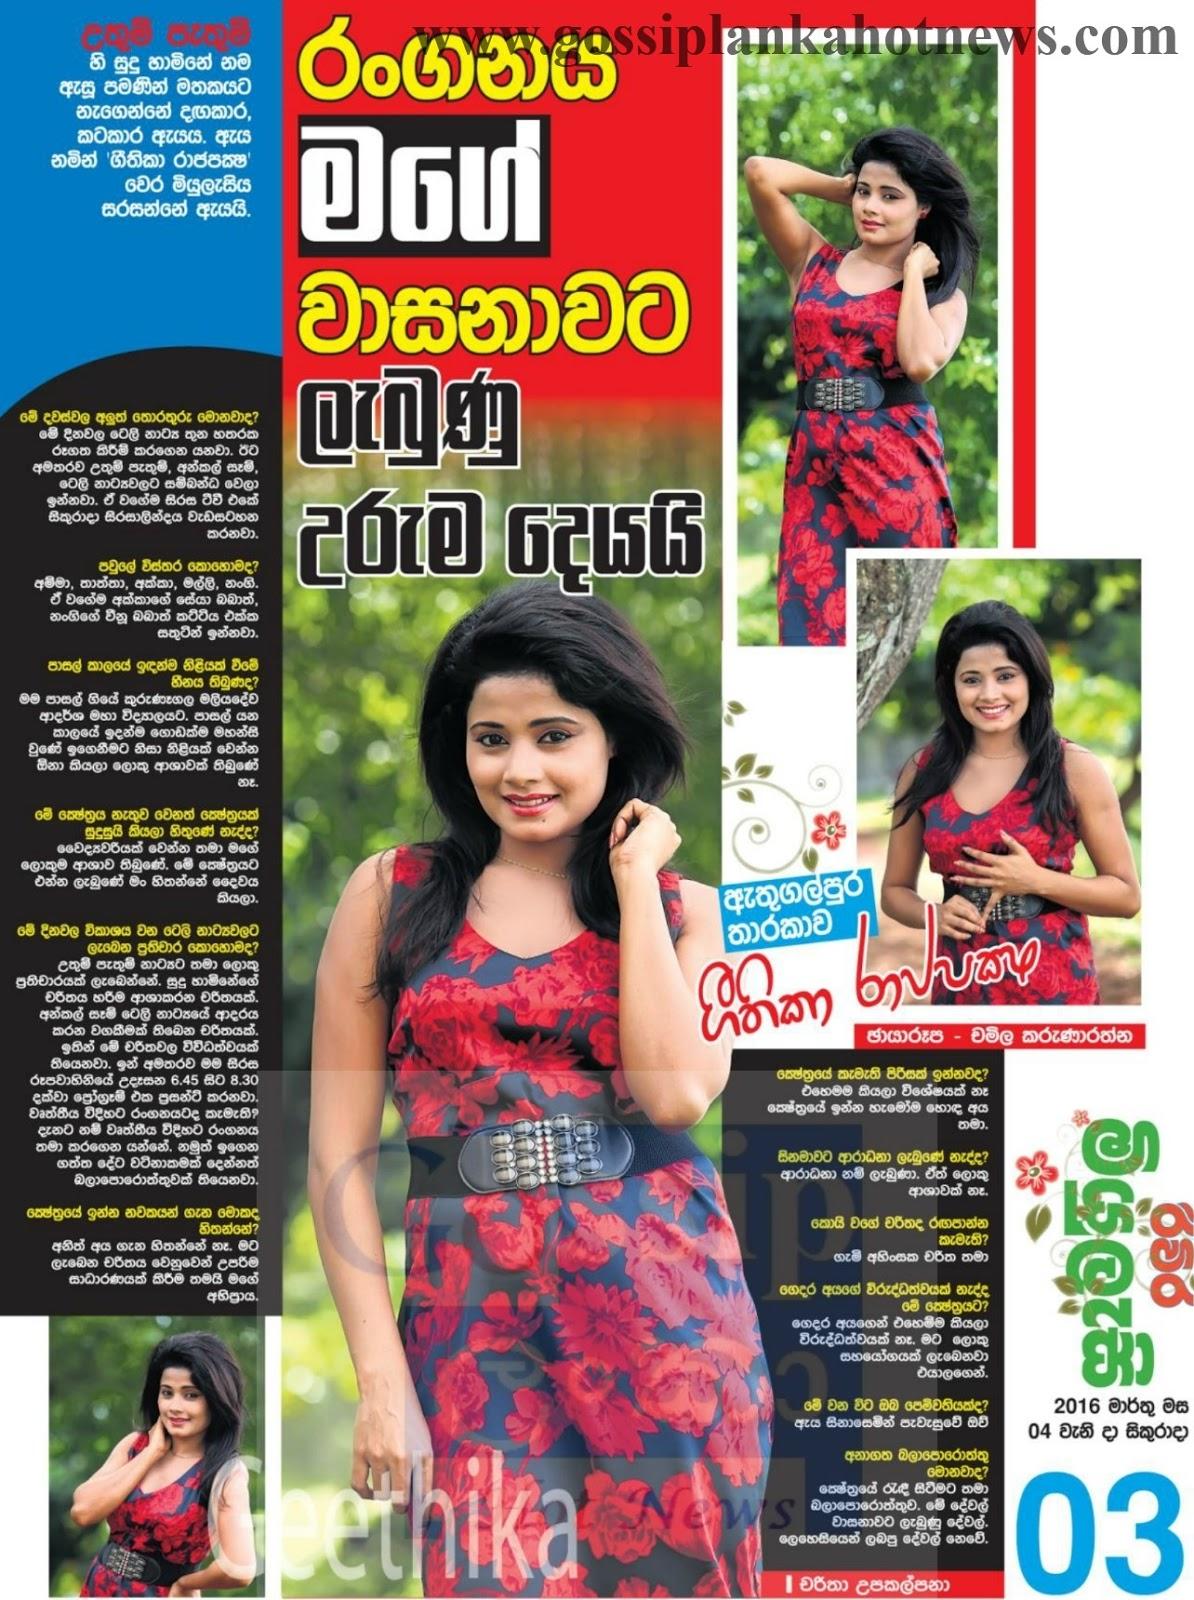 Hot Geethika Rajapaksha and latest Geethika Rajapaksha